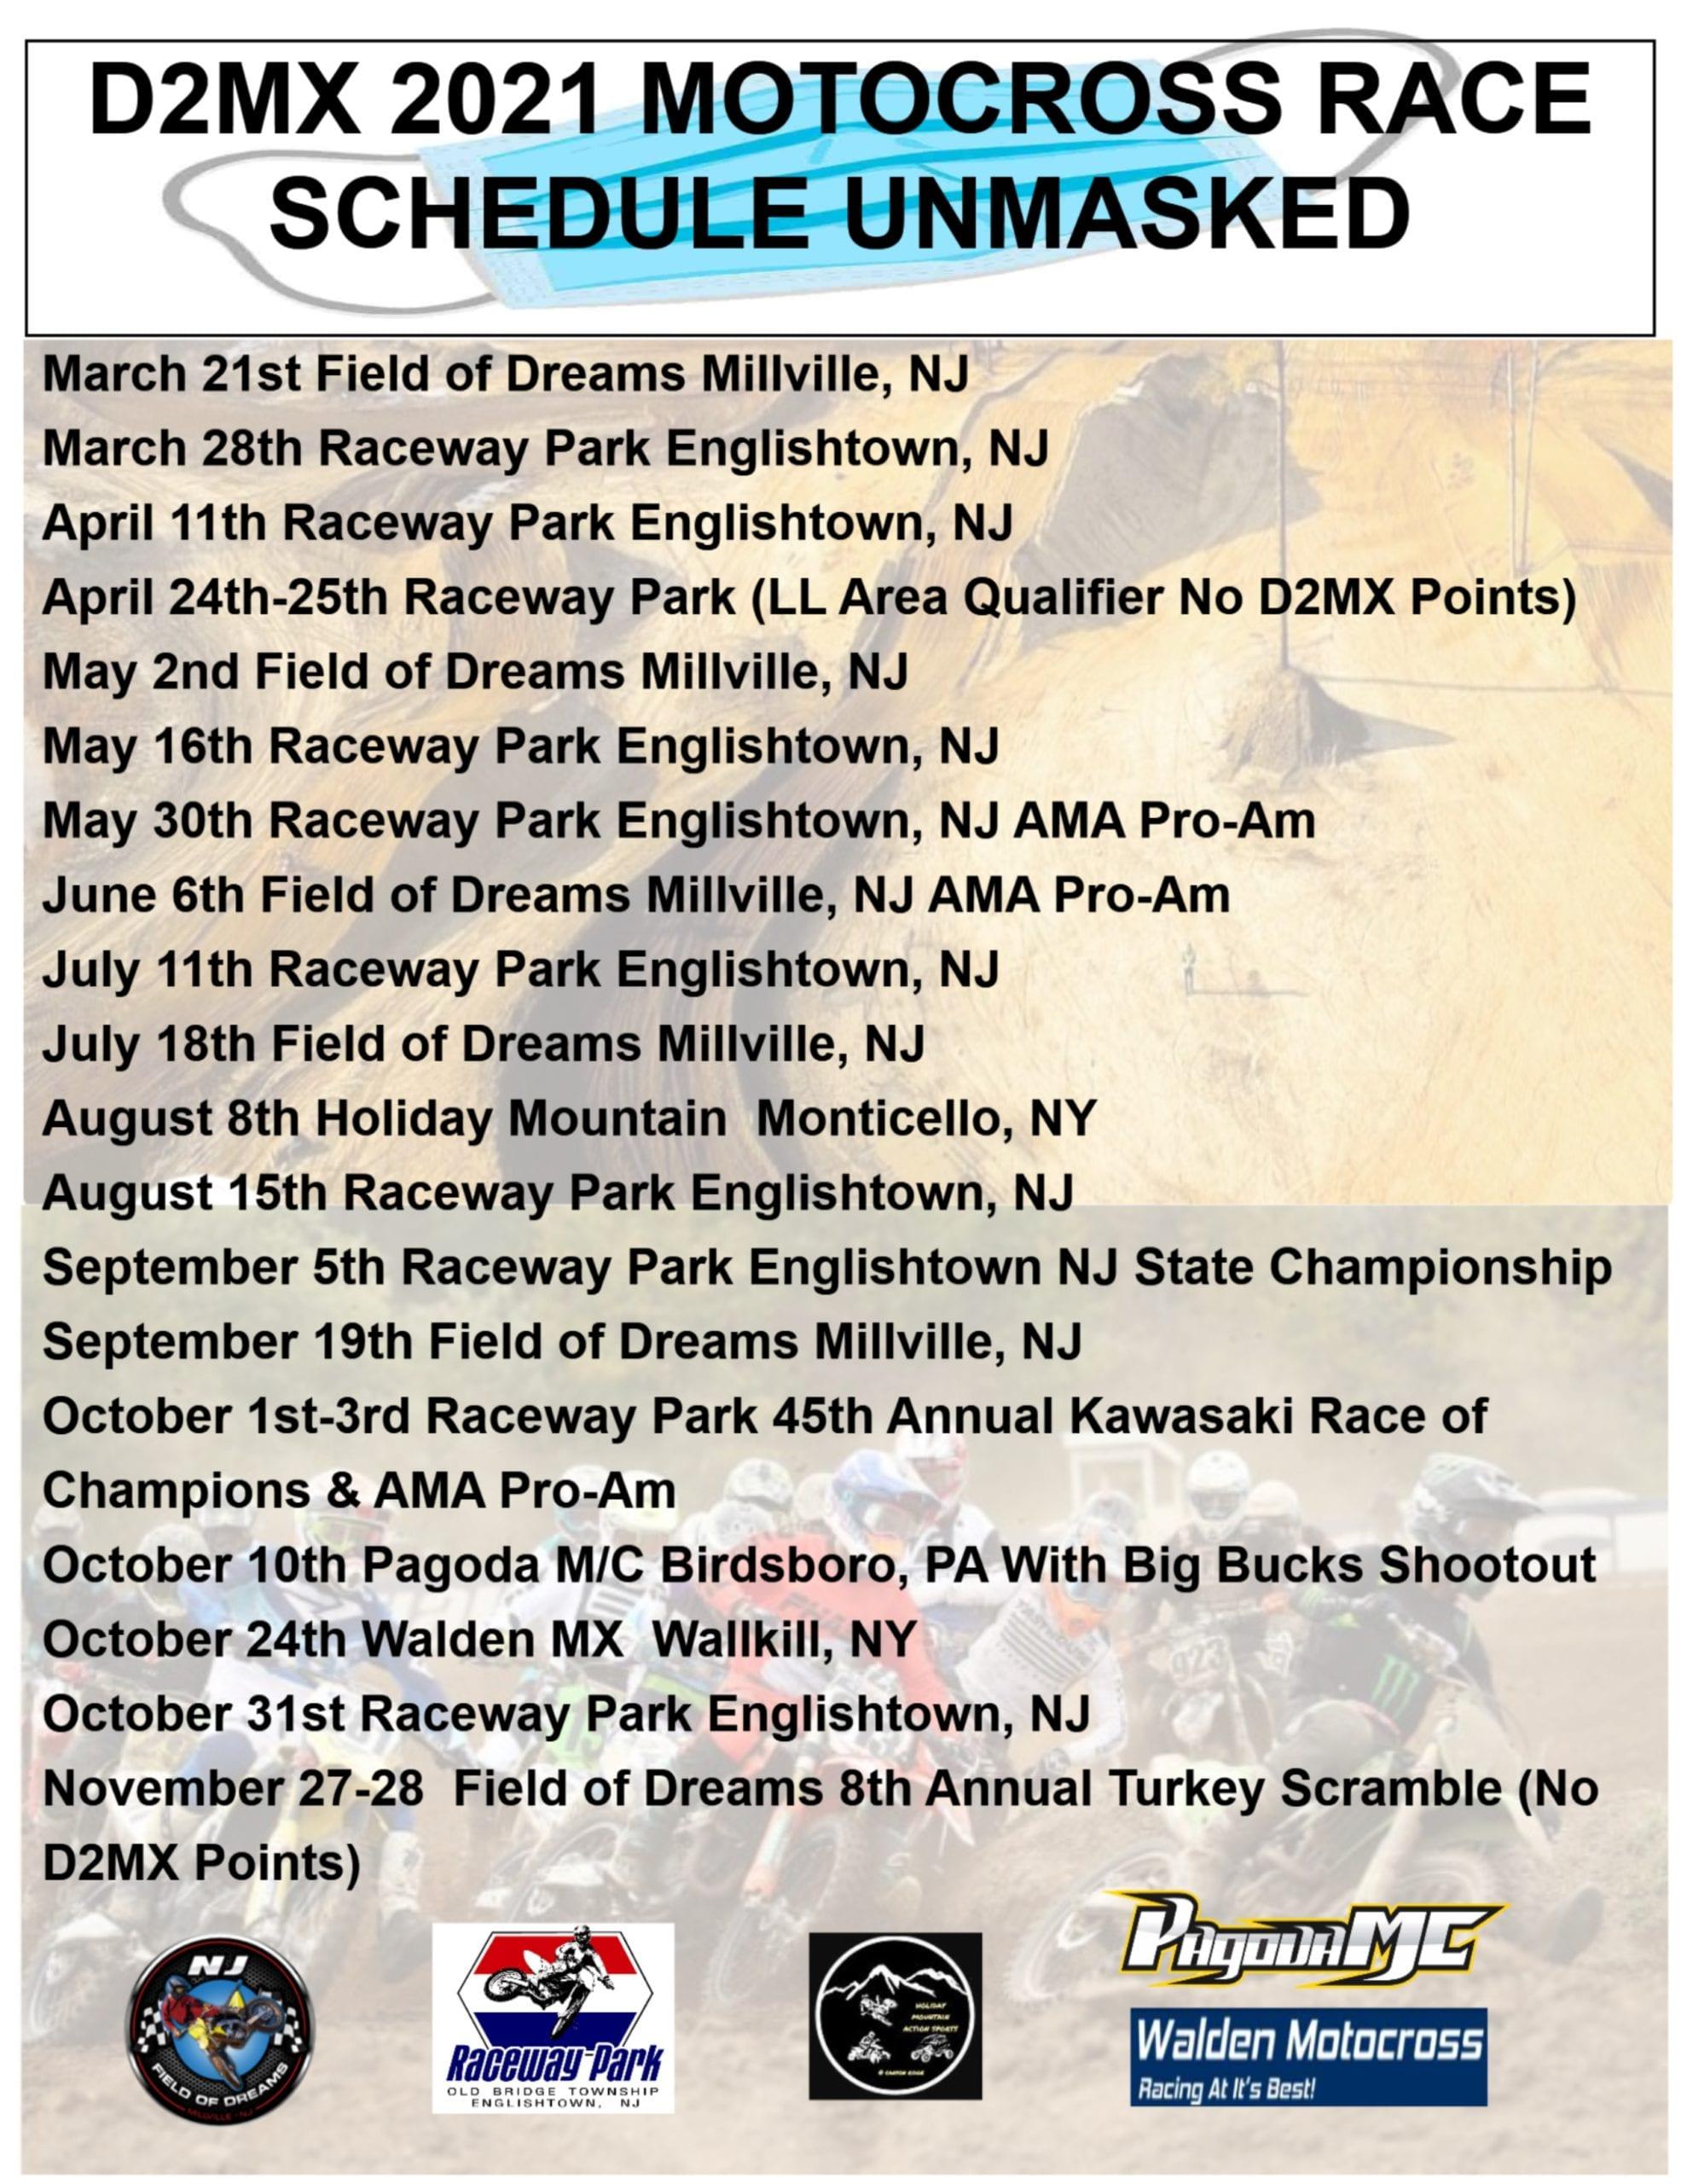 D2MX 2021 Schedule